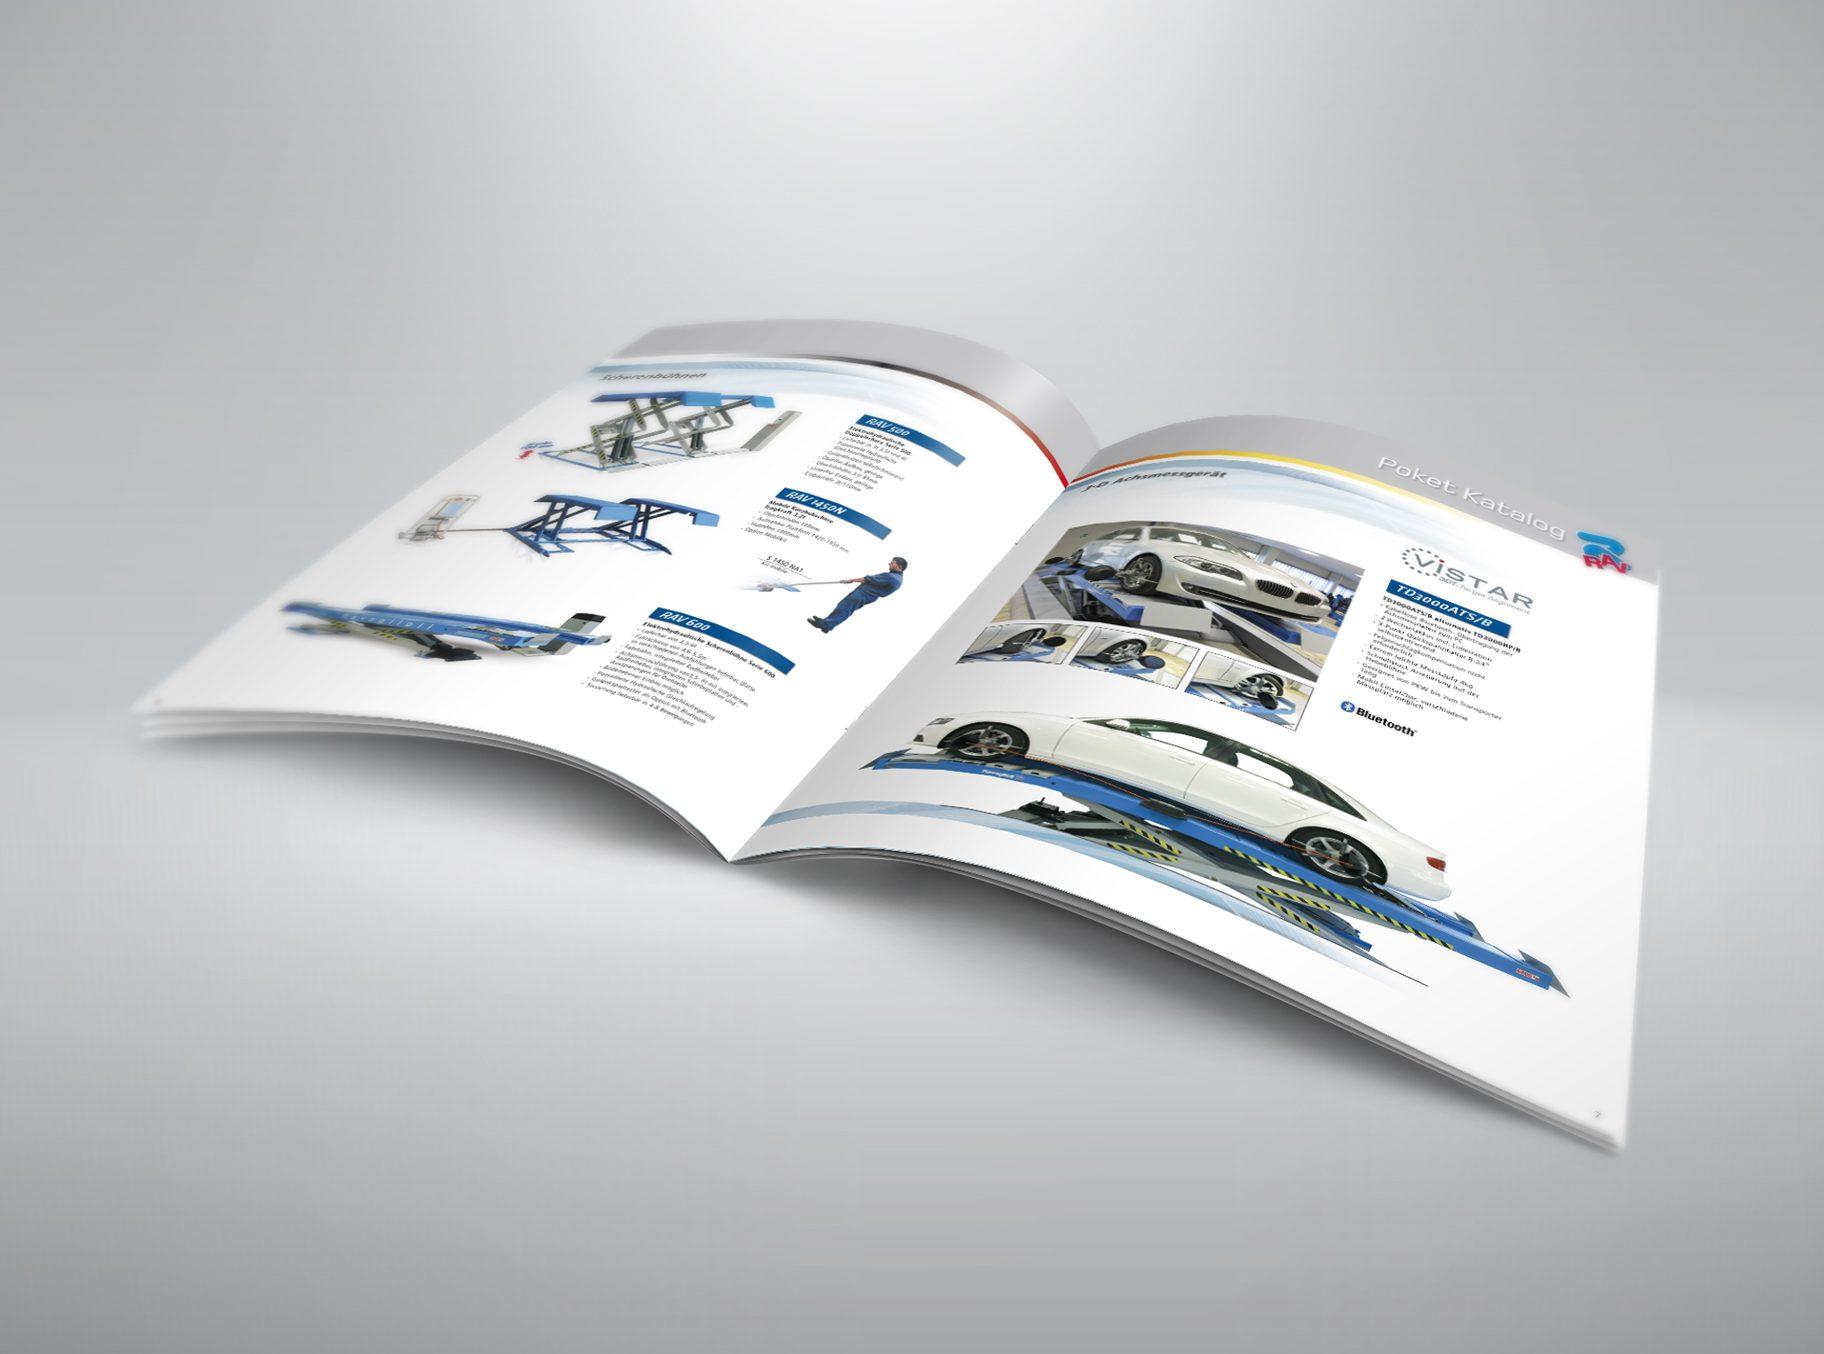 Ravaglioli-brochure-catalogo-prodotti-02